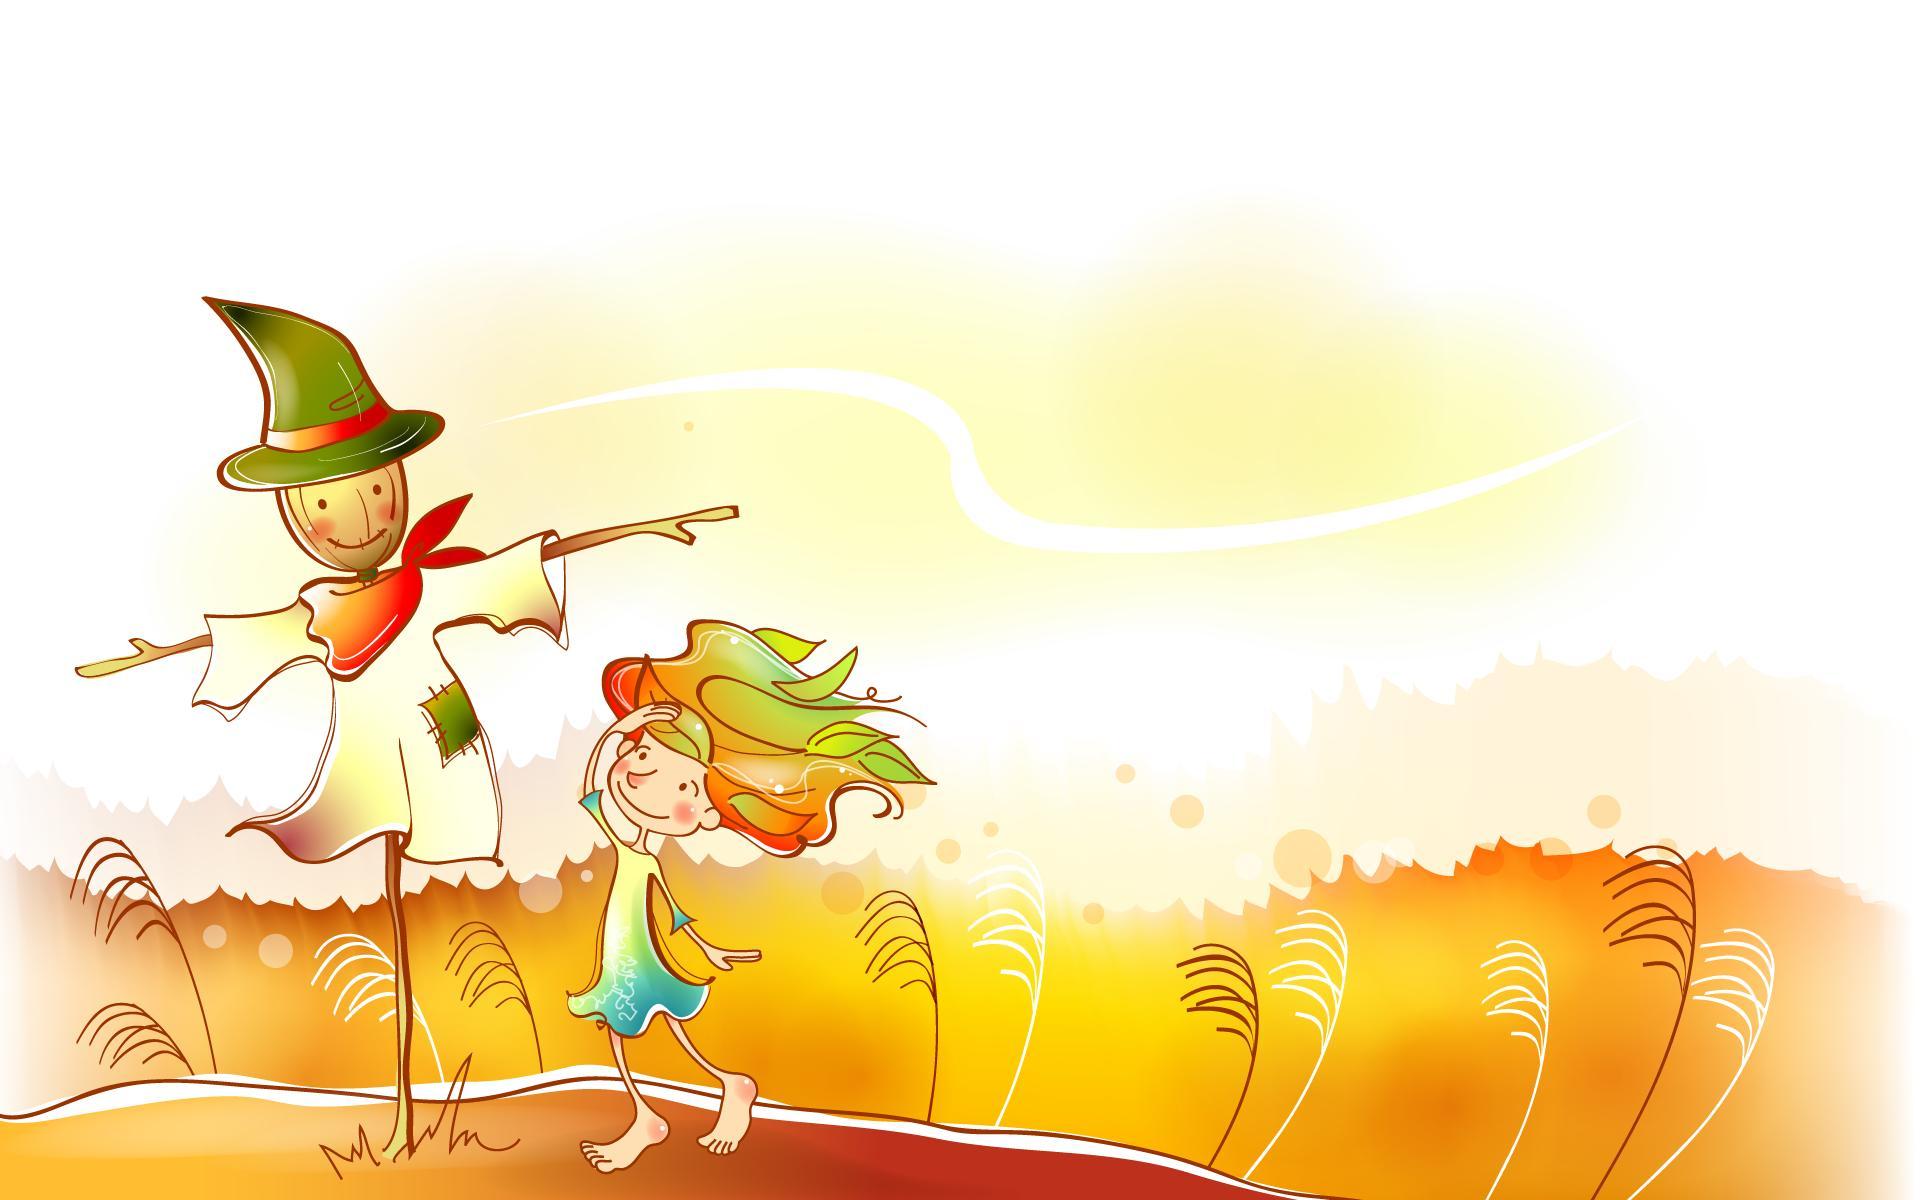 的童话 橙色卡通宽屏壁纸 壁纸15壁纸,秋天的童话